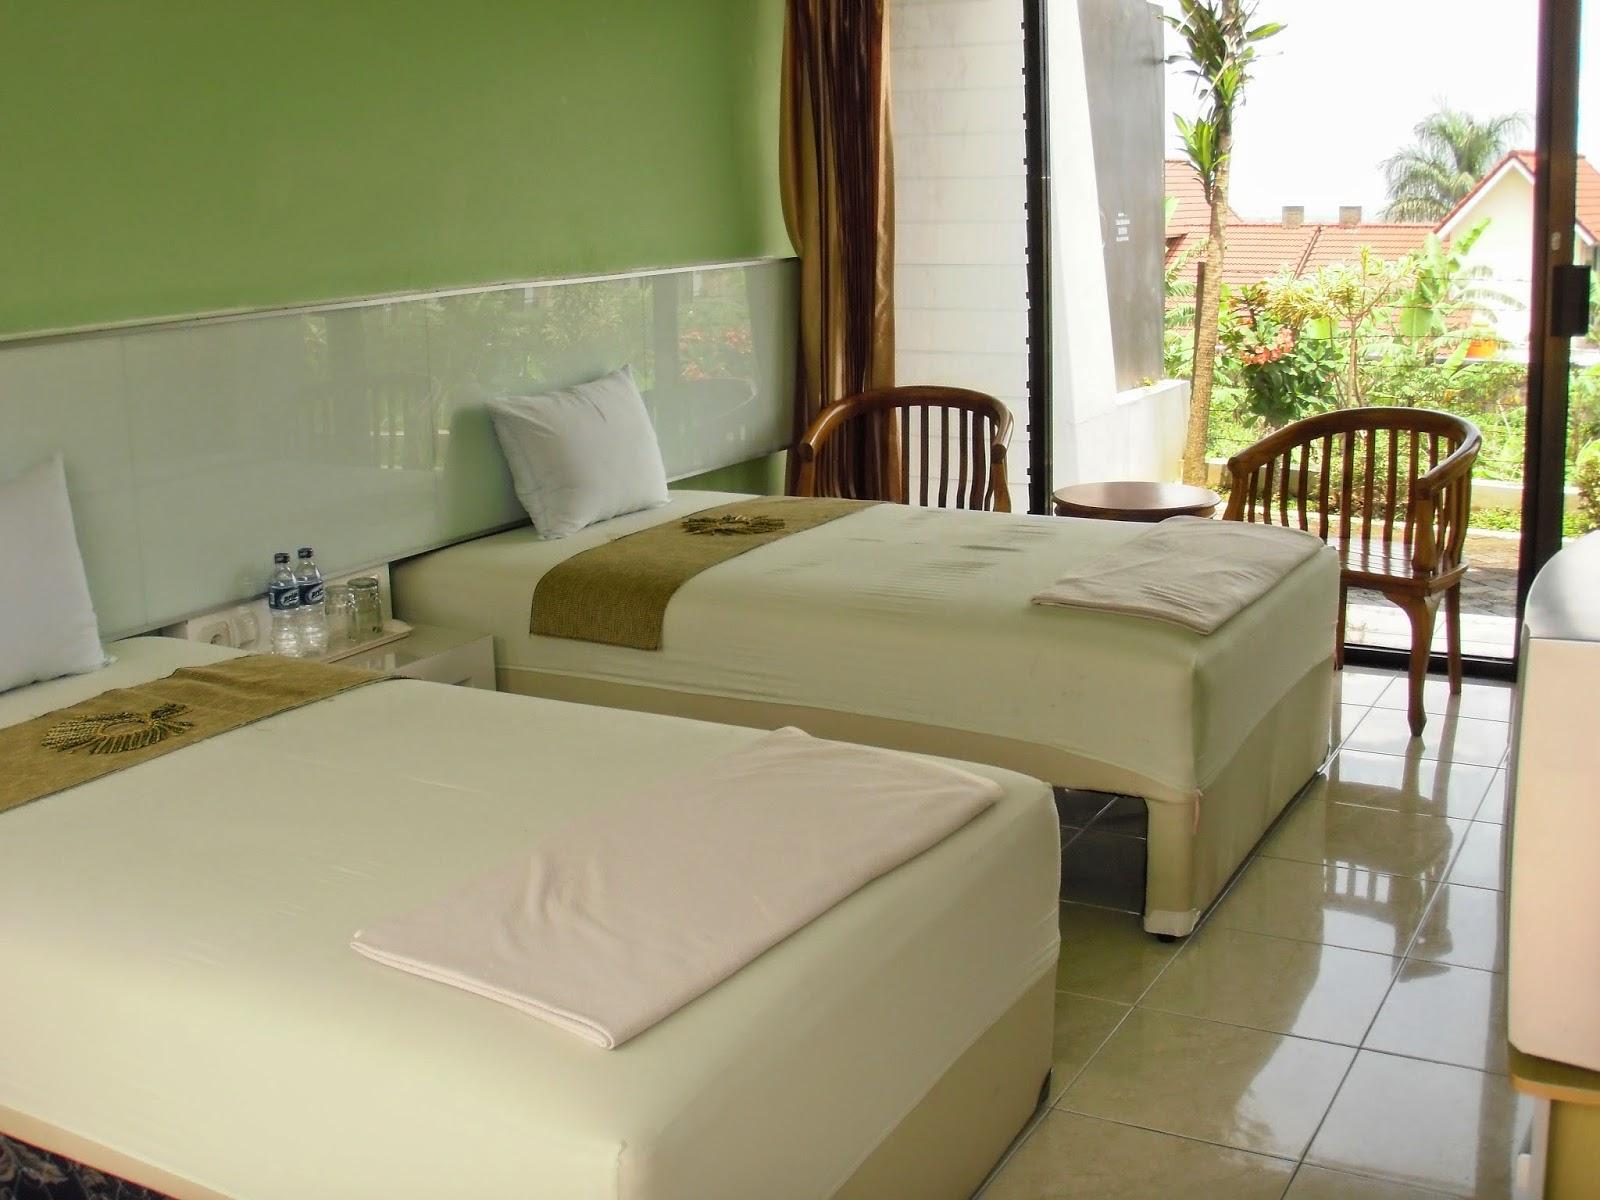 Hotel Griya Wijaya yang Nyaman dan Murah di Ambarawa, Semarang